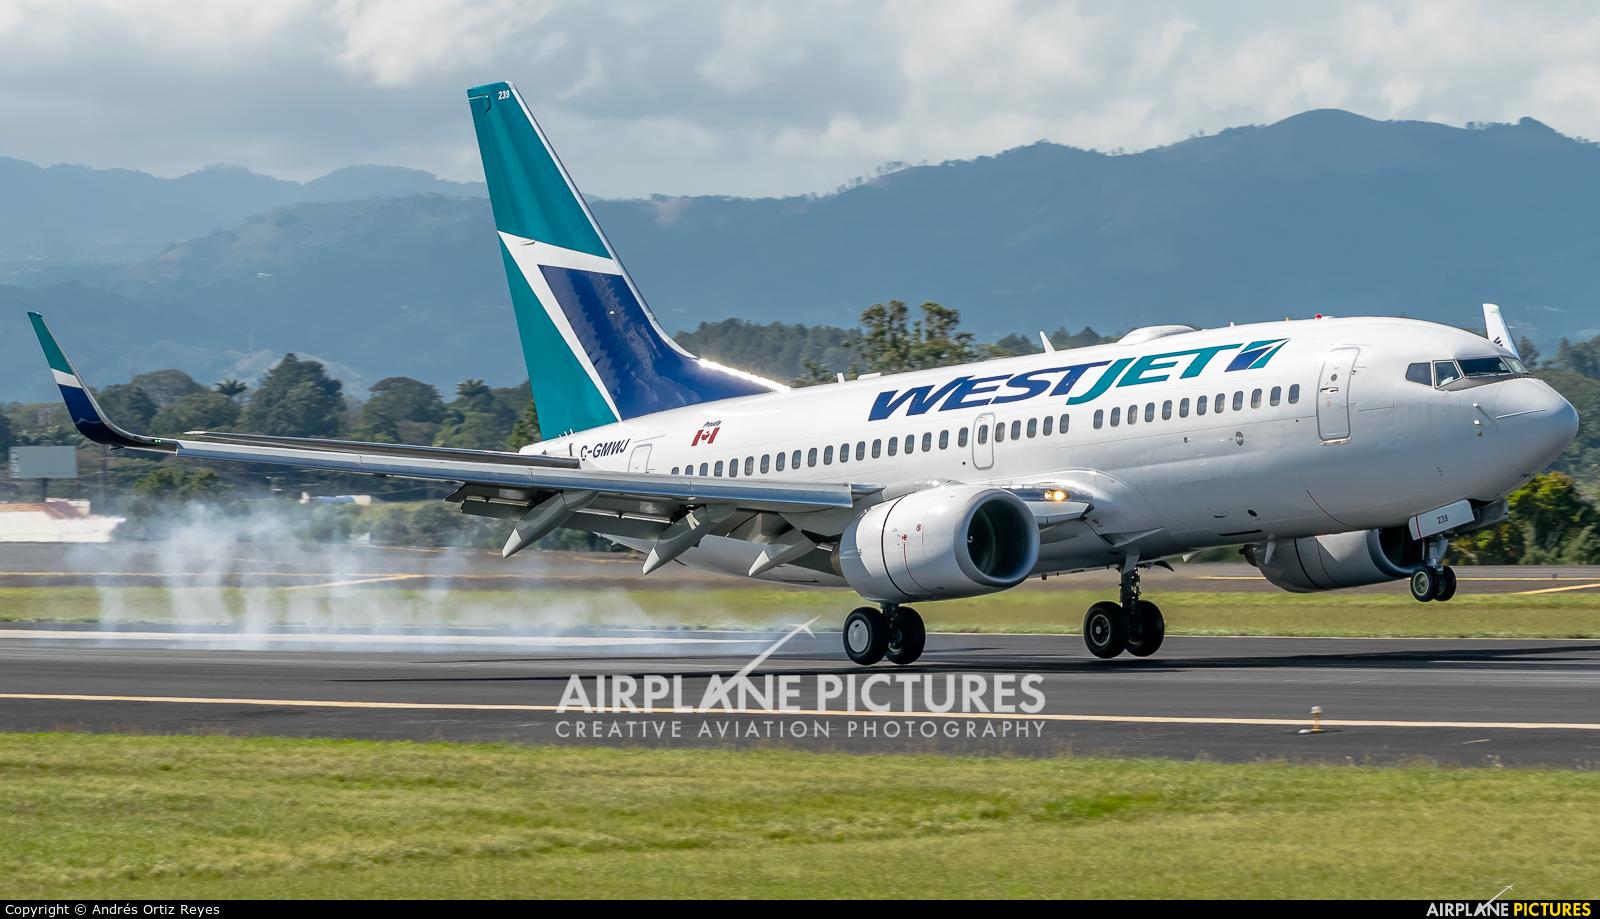 WestJet Airlines C-GMWJ aircraft at San Jose - Juan Santamaría Intl